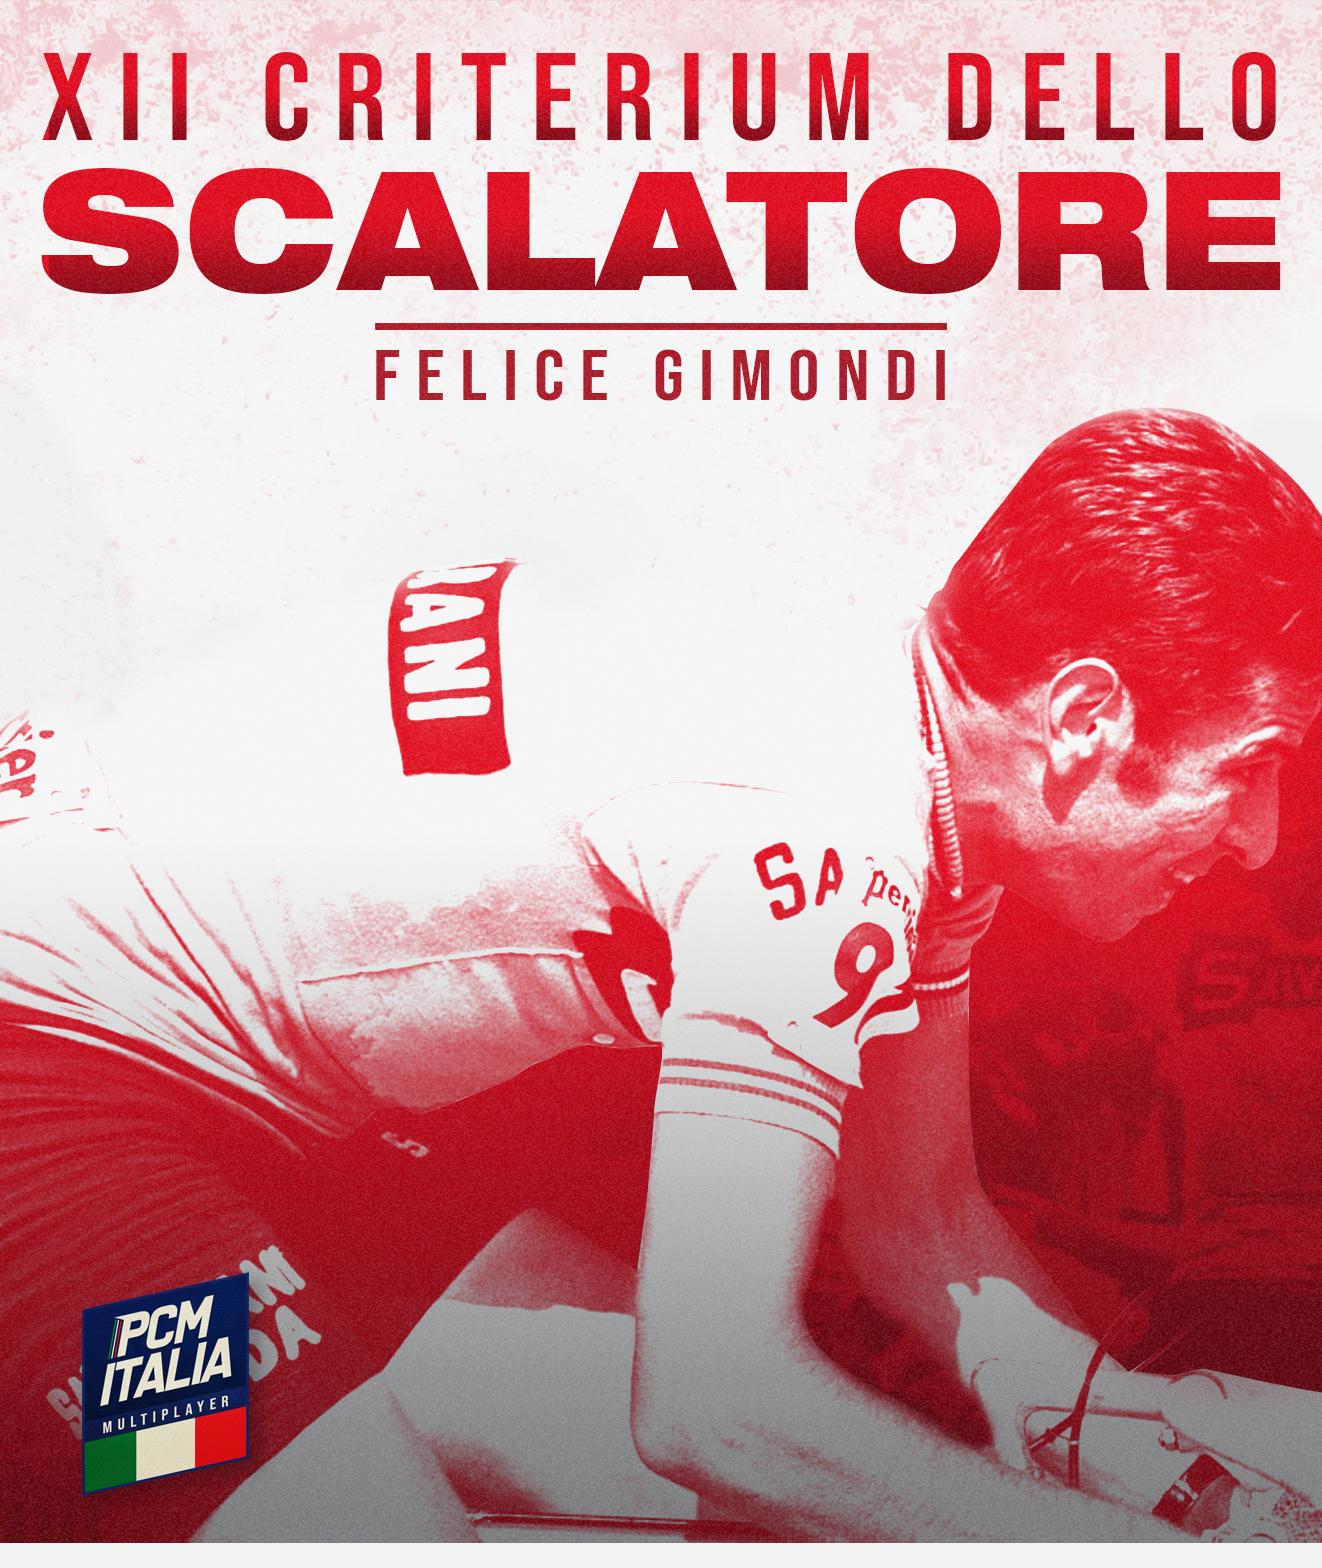 Trofeo Dello Scalatore 2019/20 - Iscrizioni